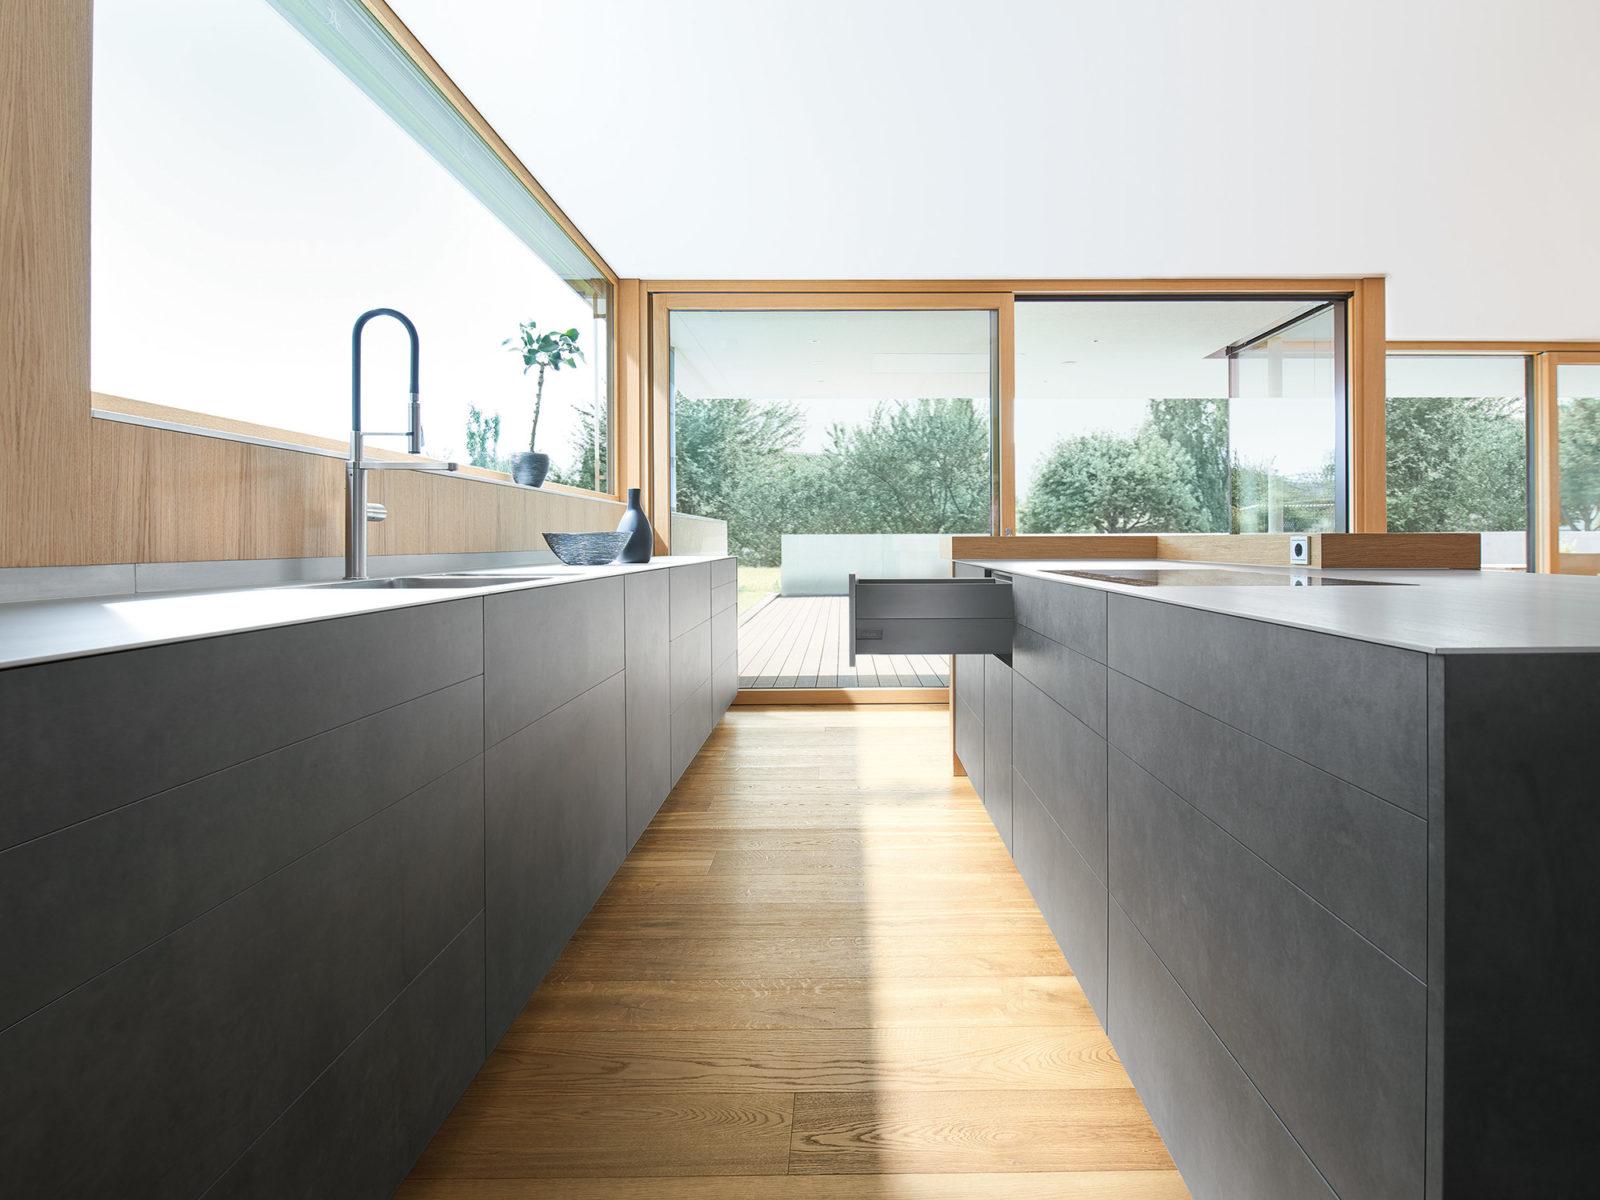 Правильна кухня: поєднання сучасного дизайну та практичних рішень